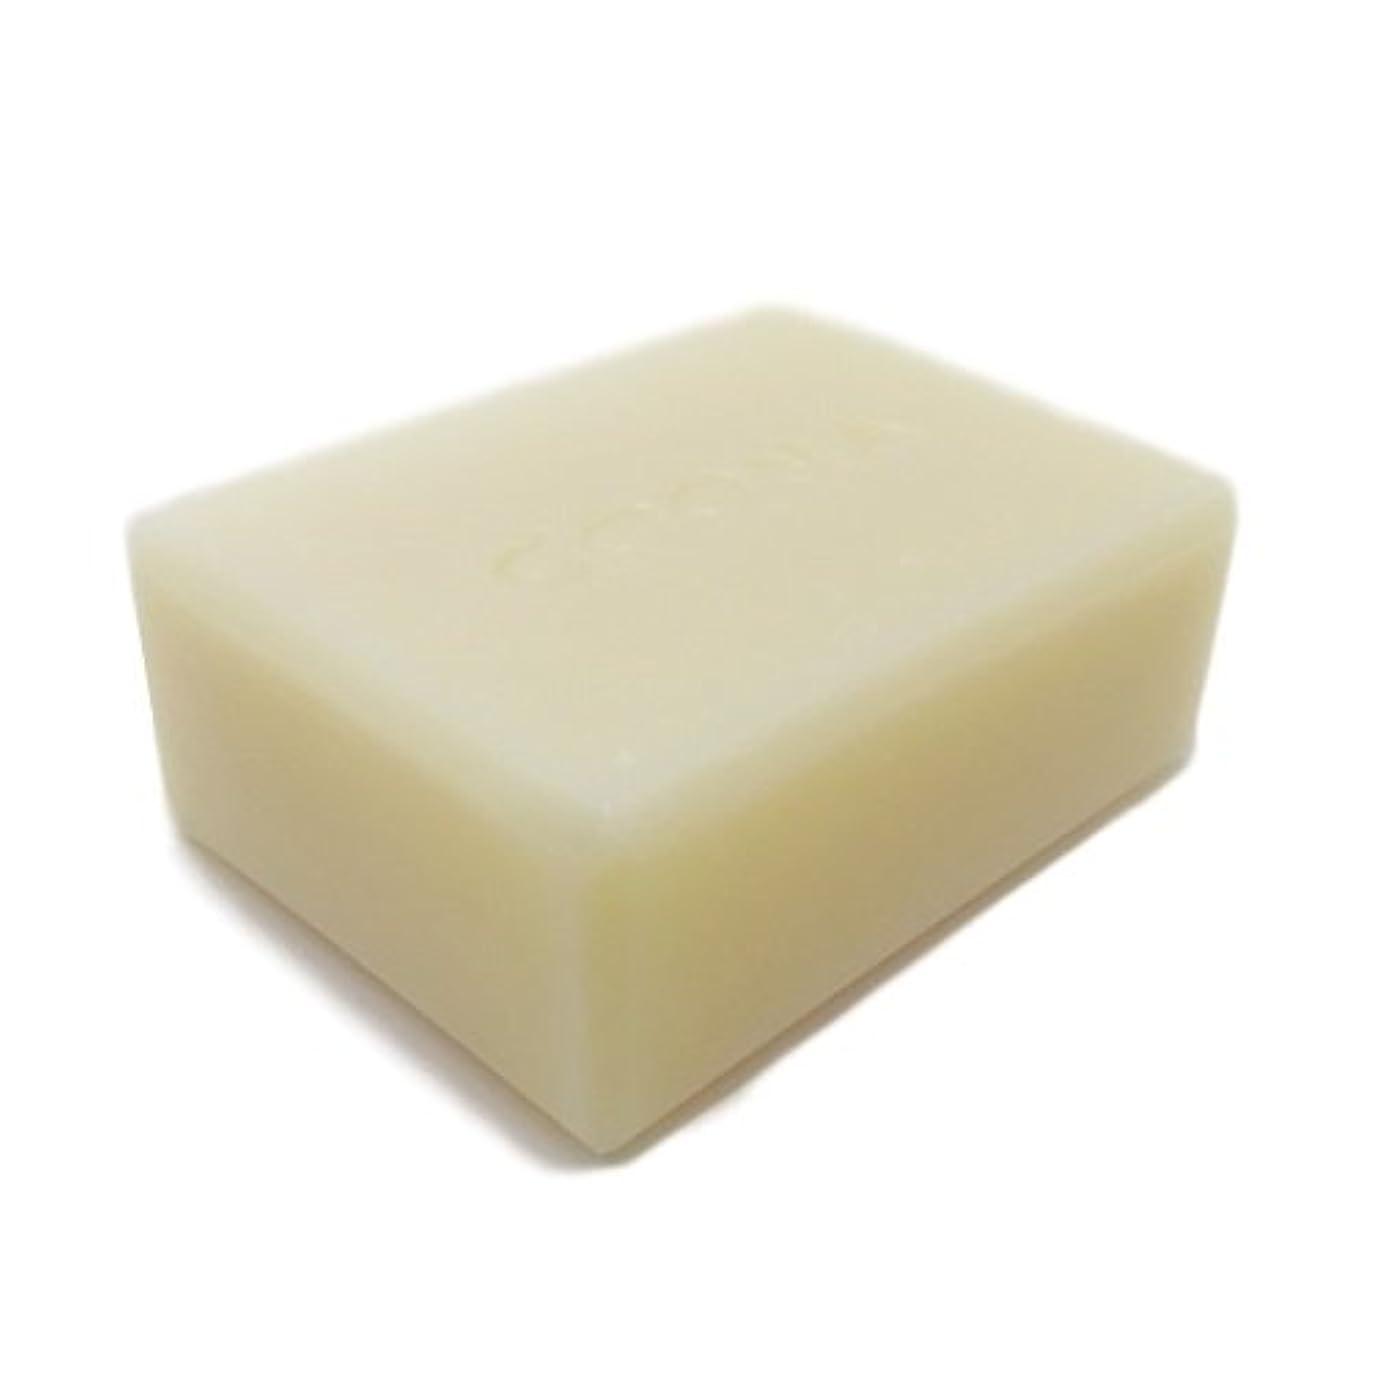 布メンバーもちろん洗顔石鹸 COONAピュアEO石けん ゼラニウム (天然素材 自然派 コールドプロセス 手作り せっけん) 80g